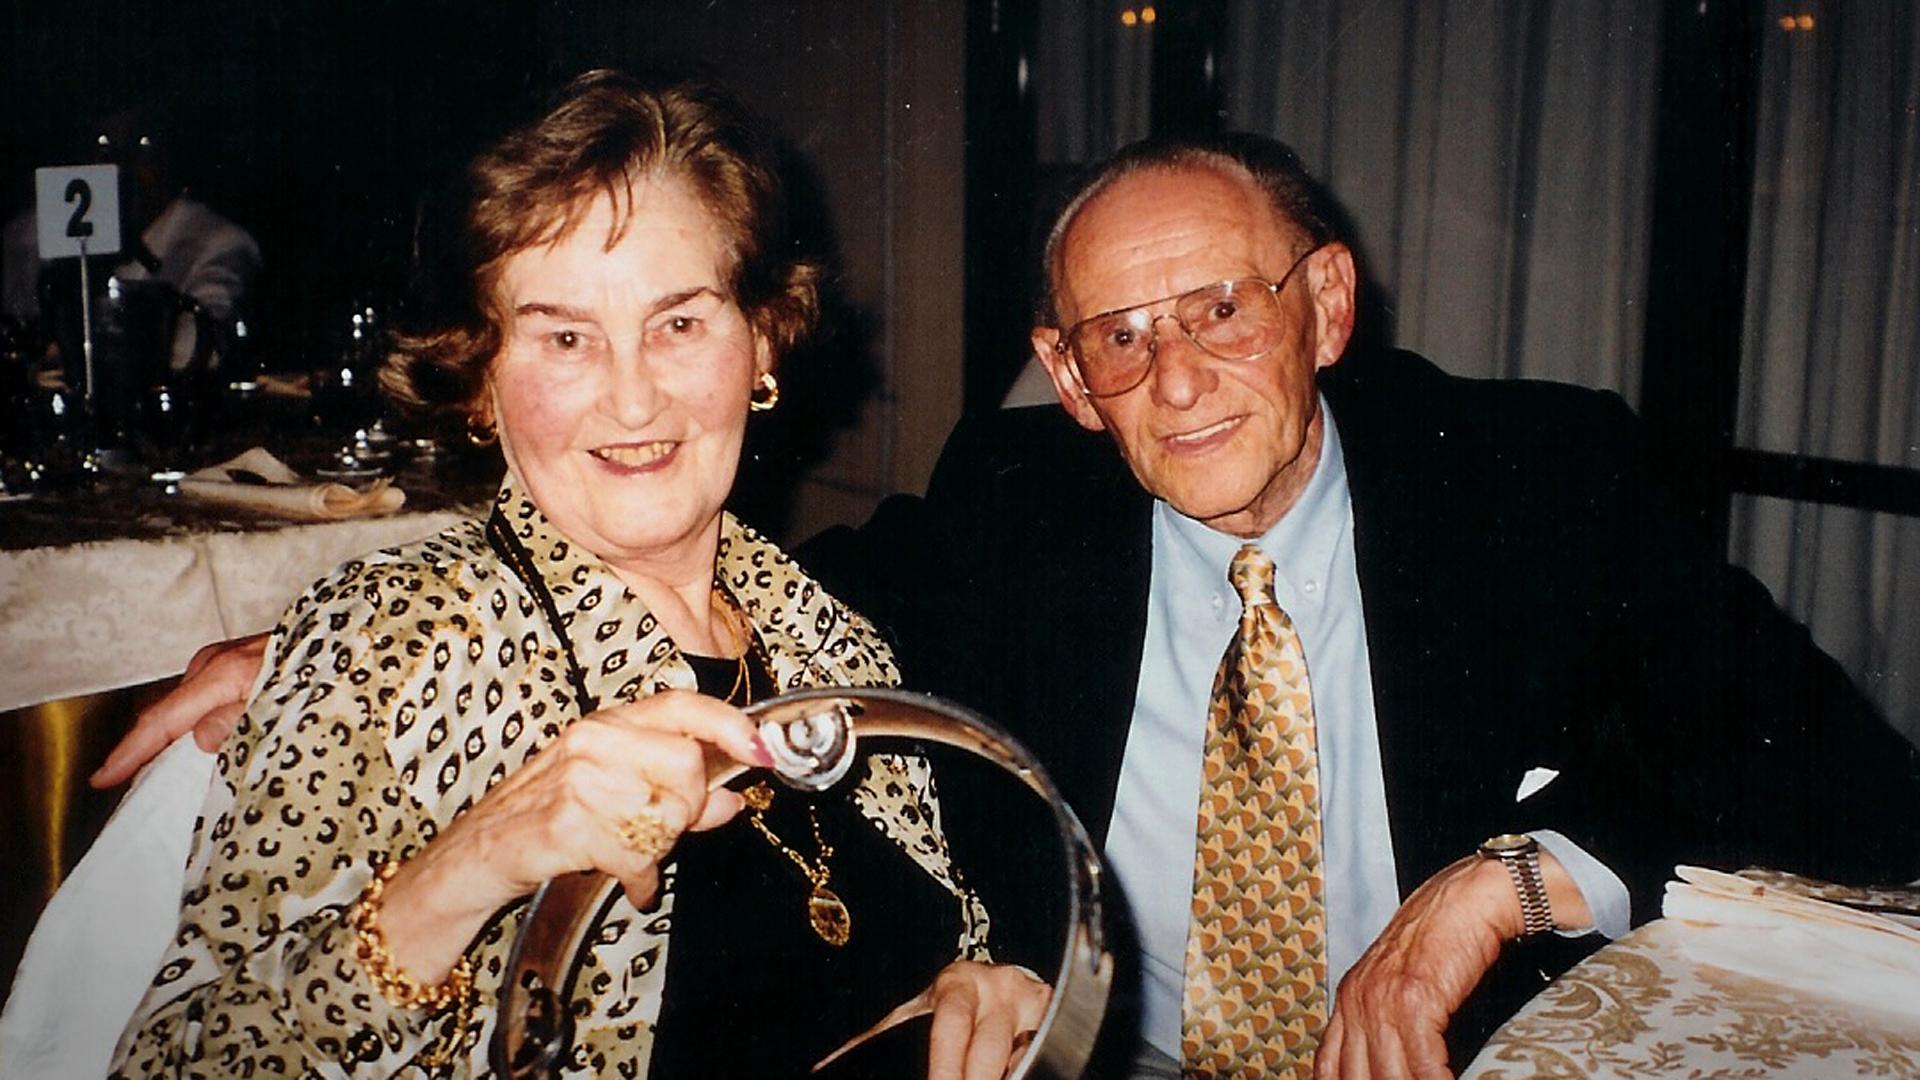 Gita y Lale Sokolov antes de la muerte de Gita en 2003 (Foto: Heather Morris/Familia Sokolov).